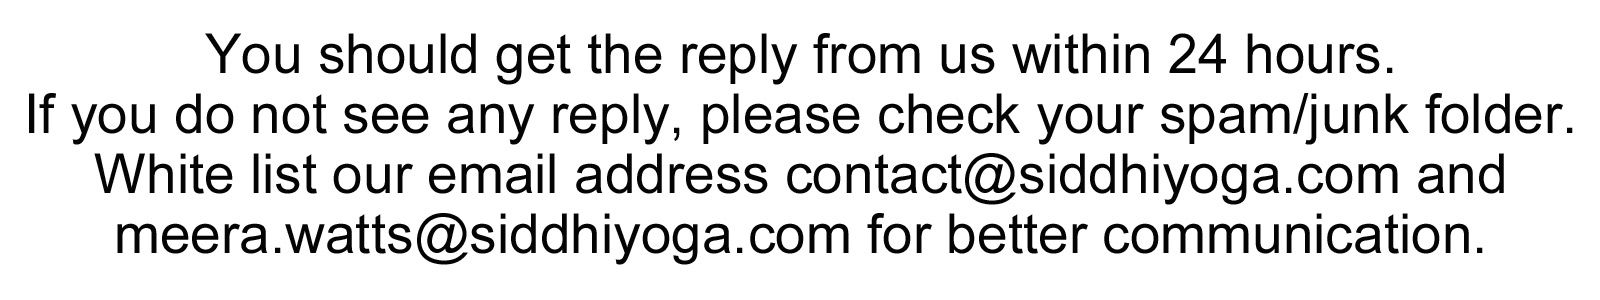 Siddhi Yoga Form Advise